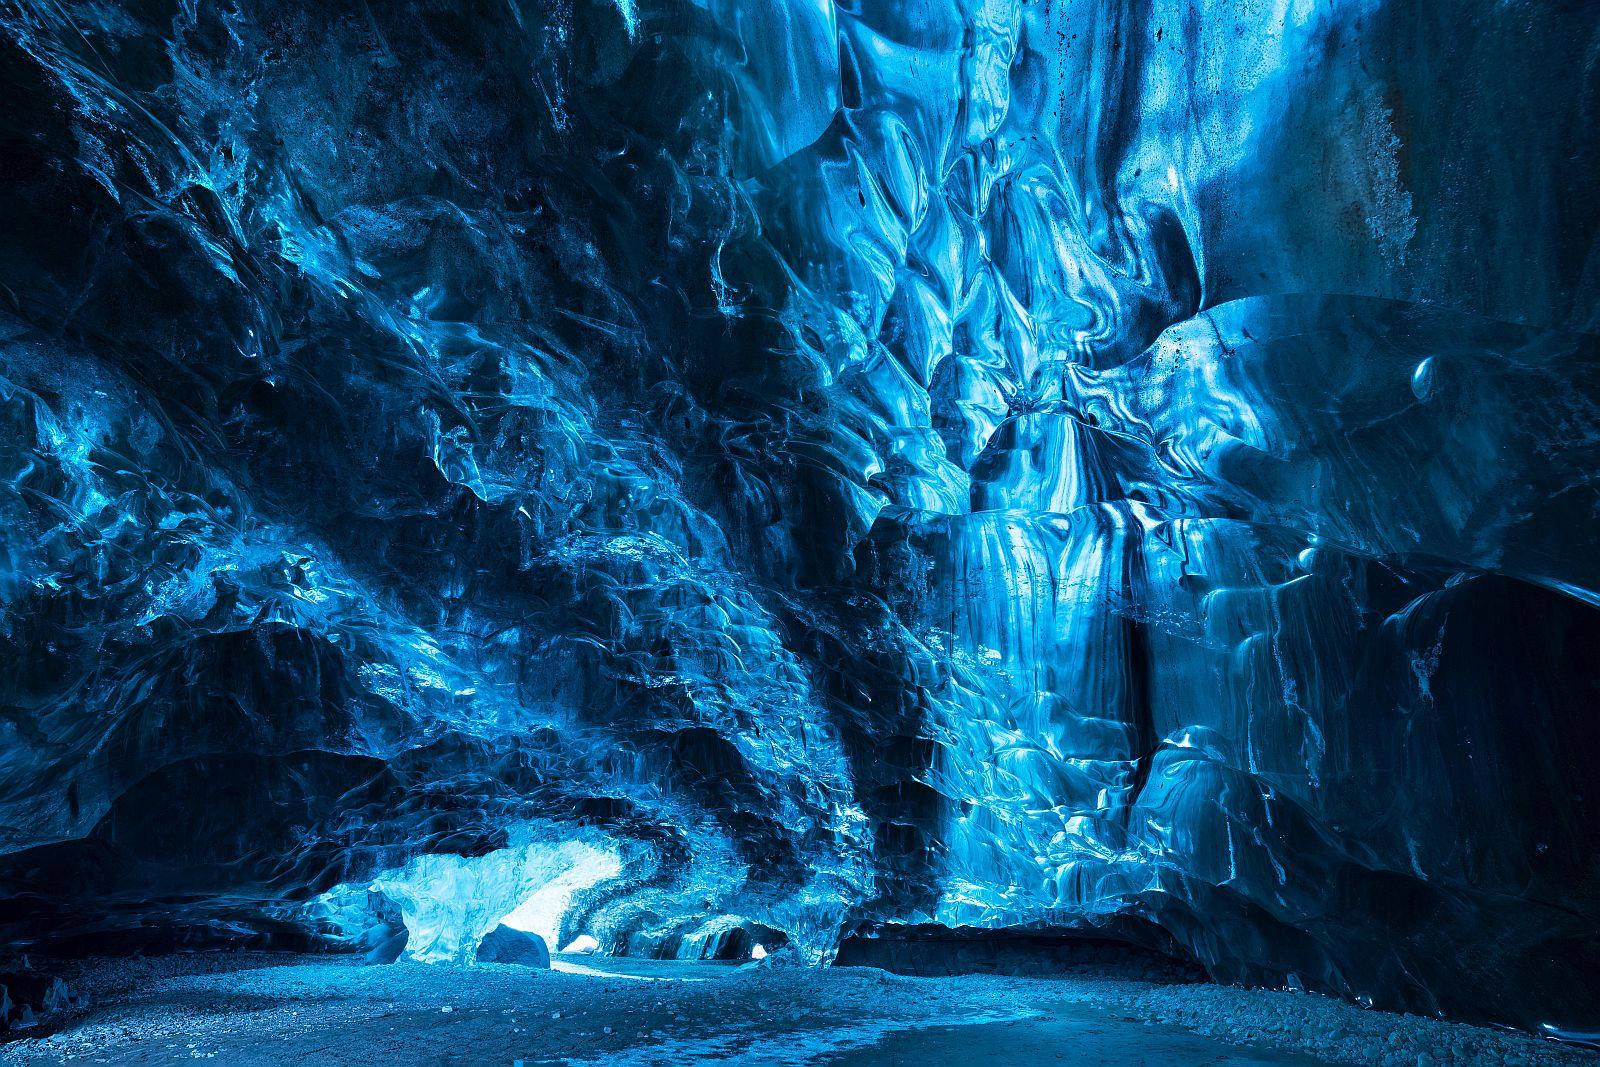 «Крижані печери». Третє місце в номінації «Пейзажі природи». Фото: Erez Marom